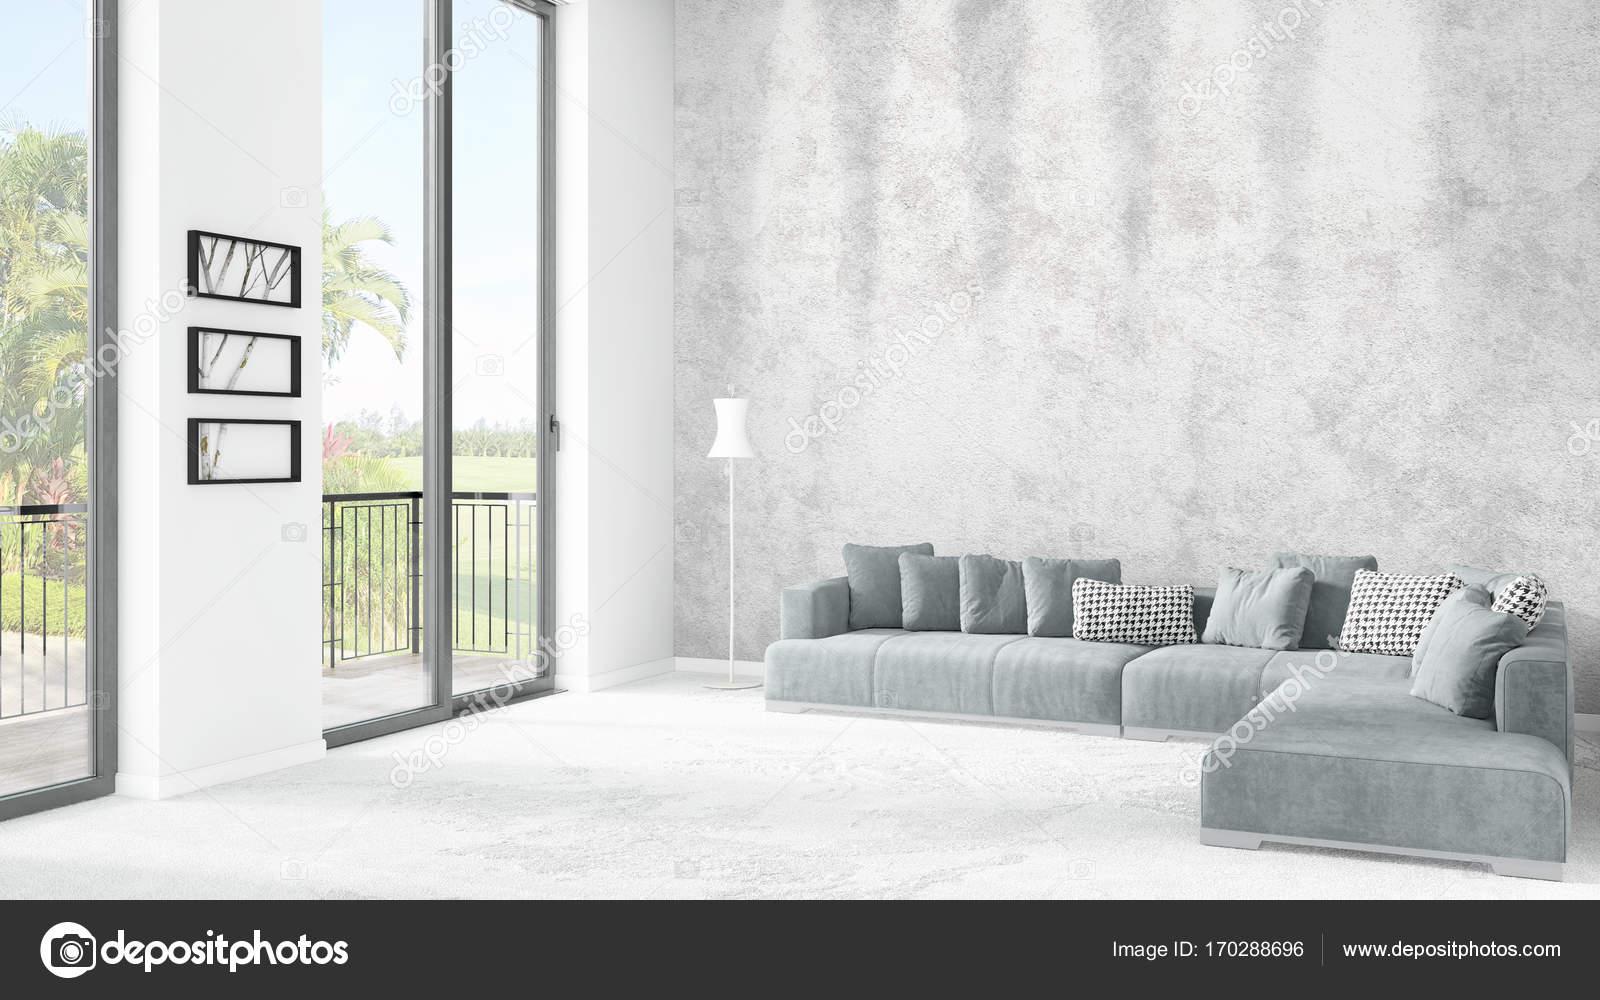 Minimalistisch interieur uitzicht: minimalistisch interieur von